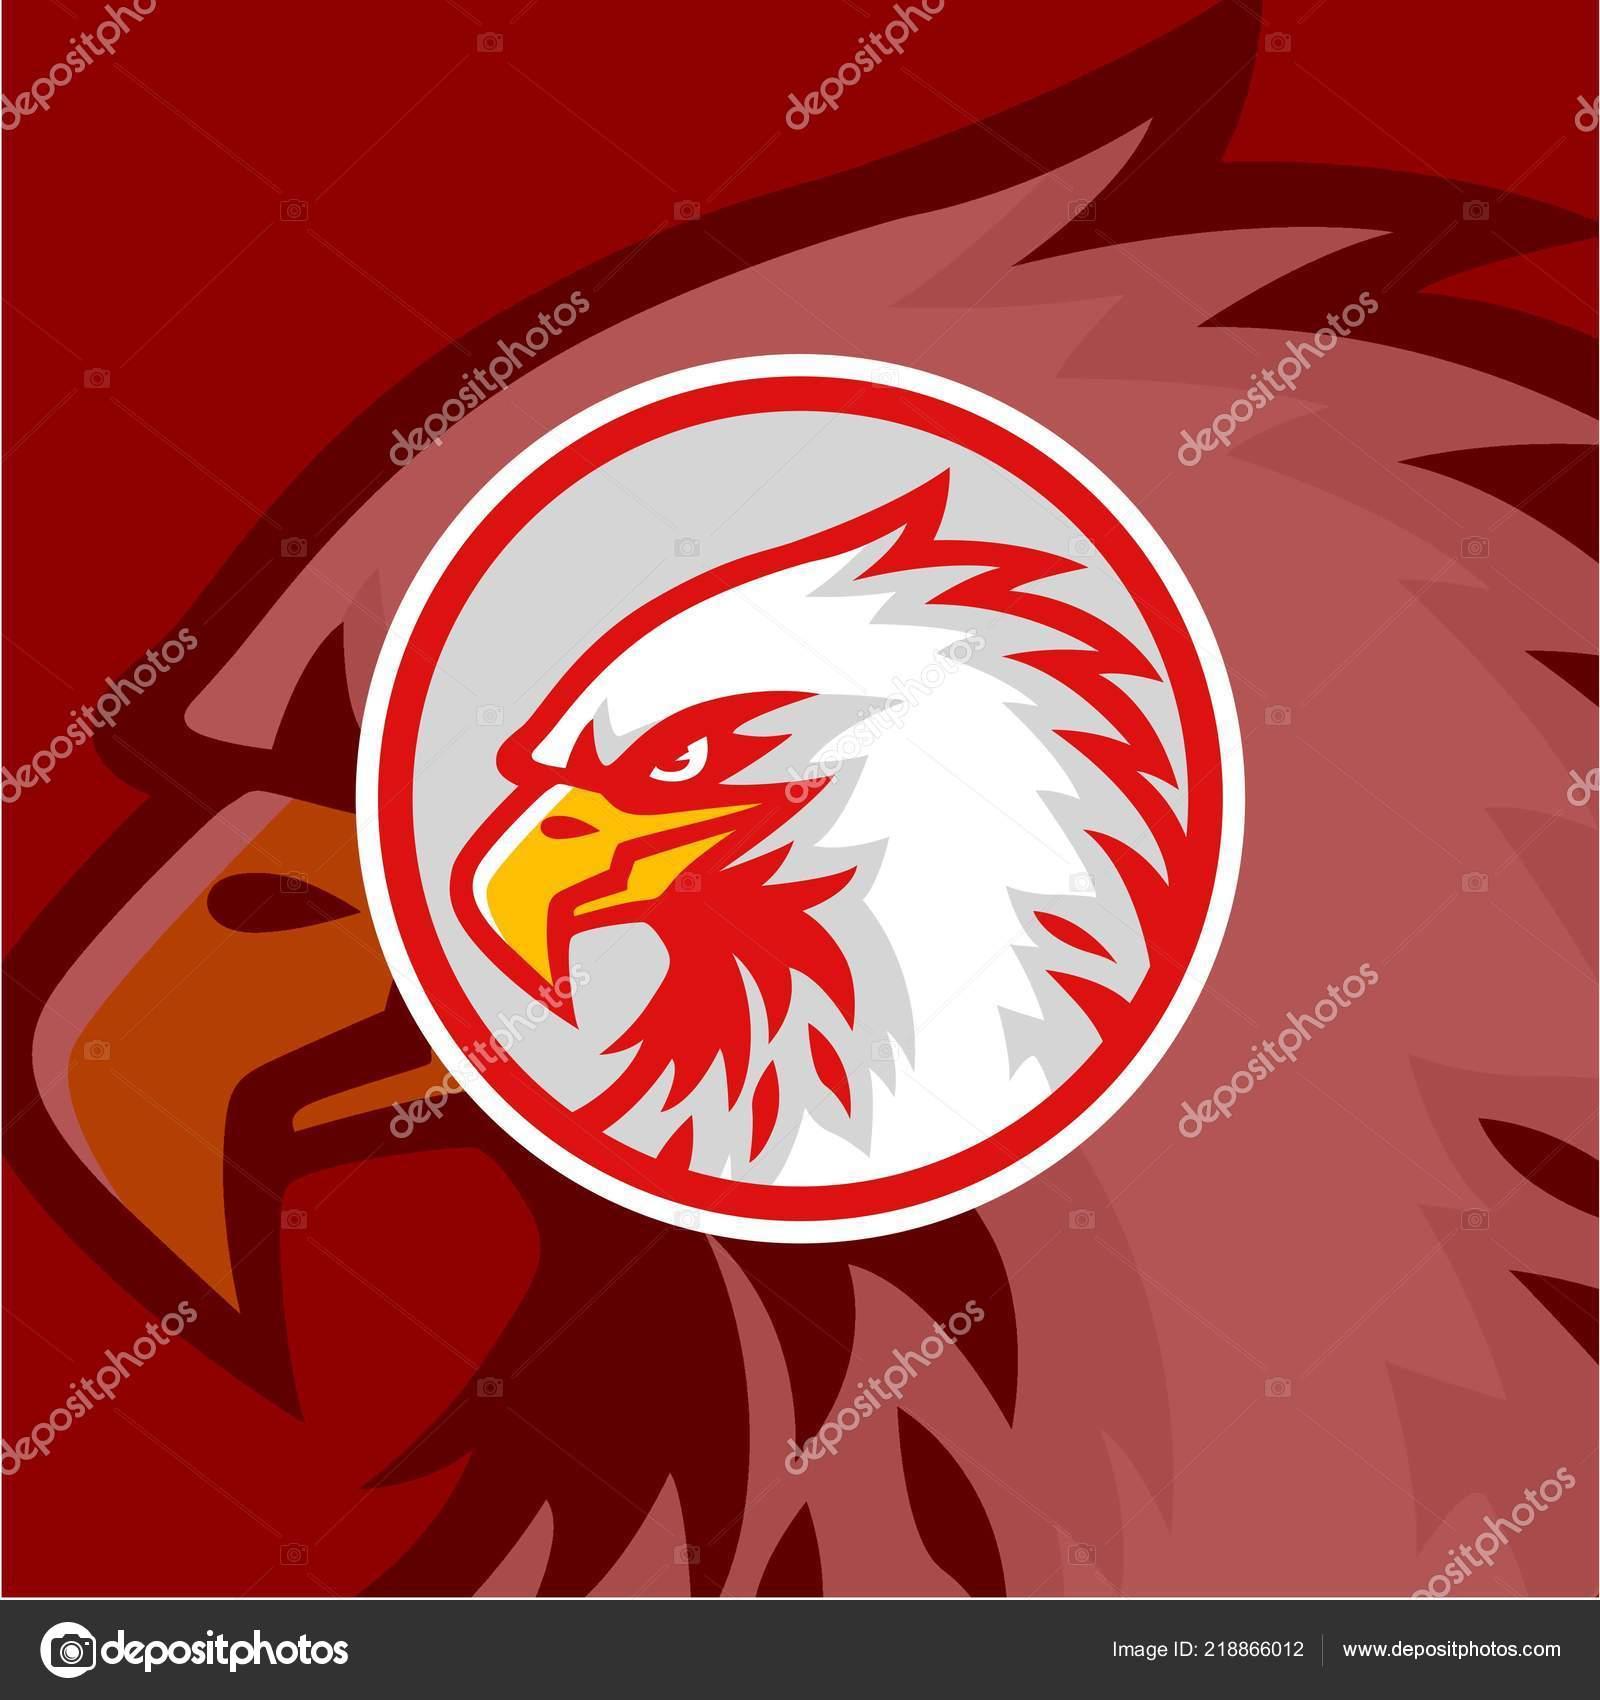 Kartal Başını Kırmızı Arka Plan Logosu Ile Vektör Tasarım Işaret